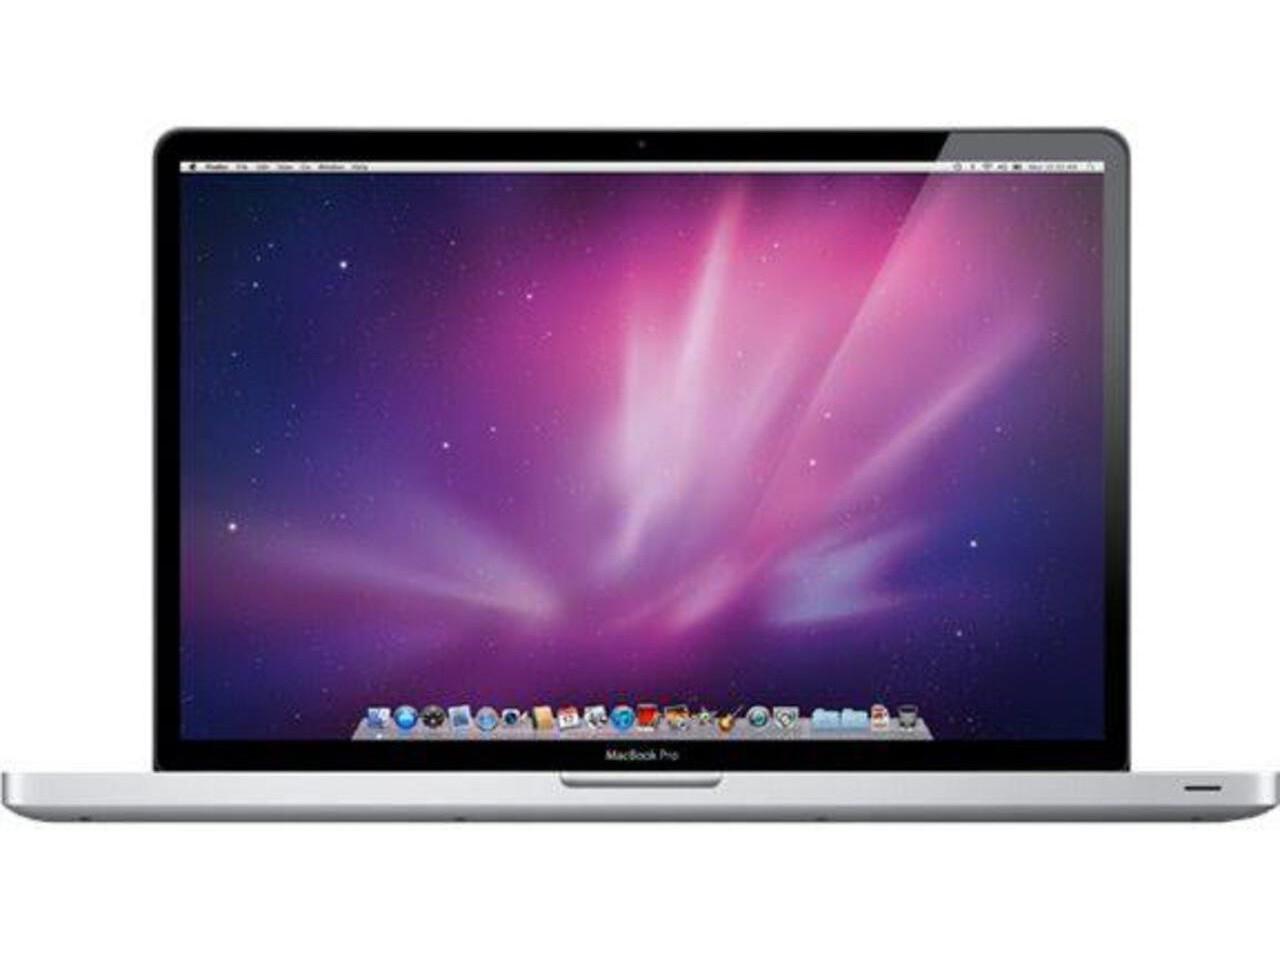 macbook pro 17 inch nr 2010 silver